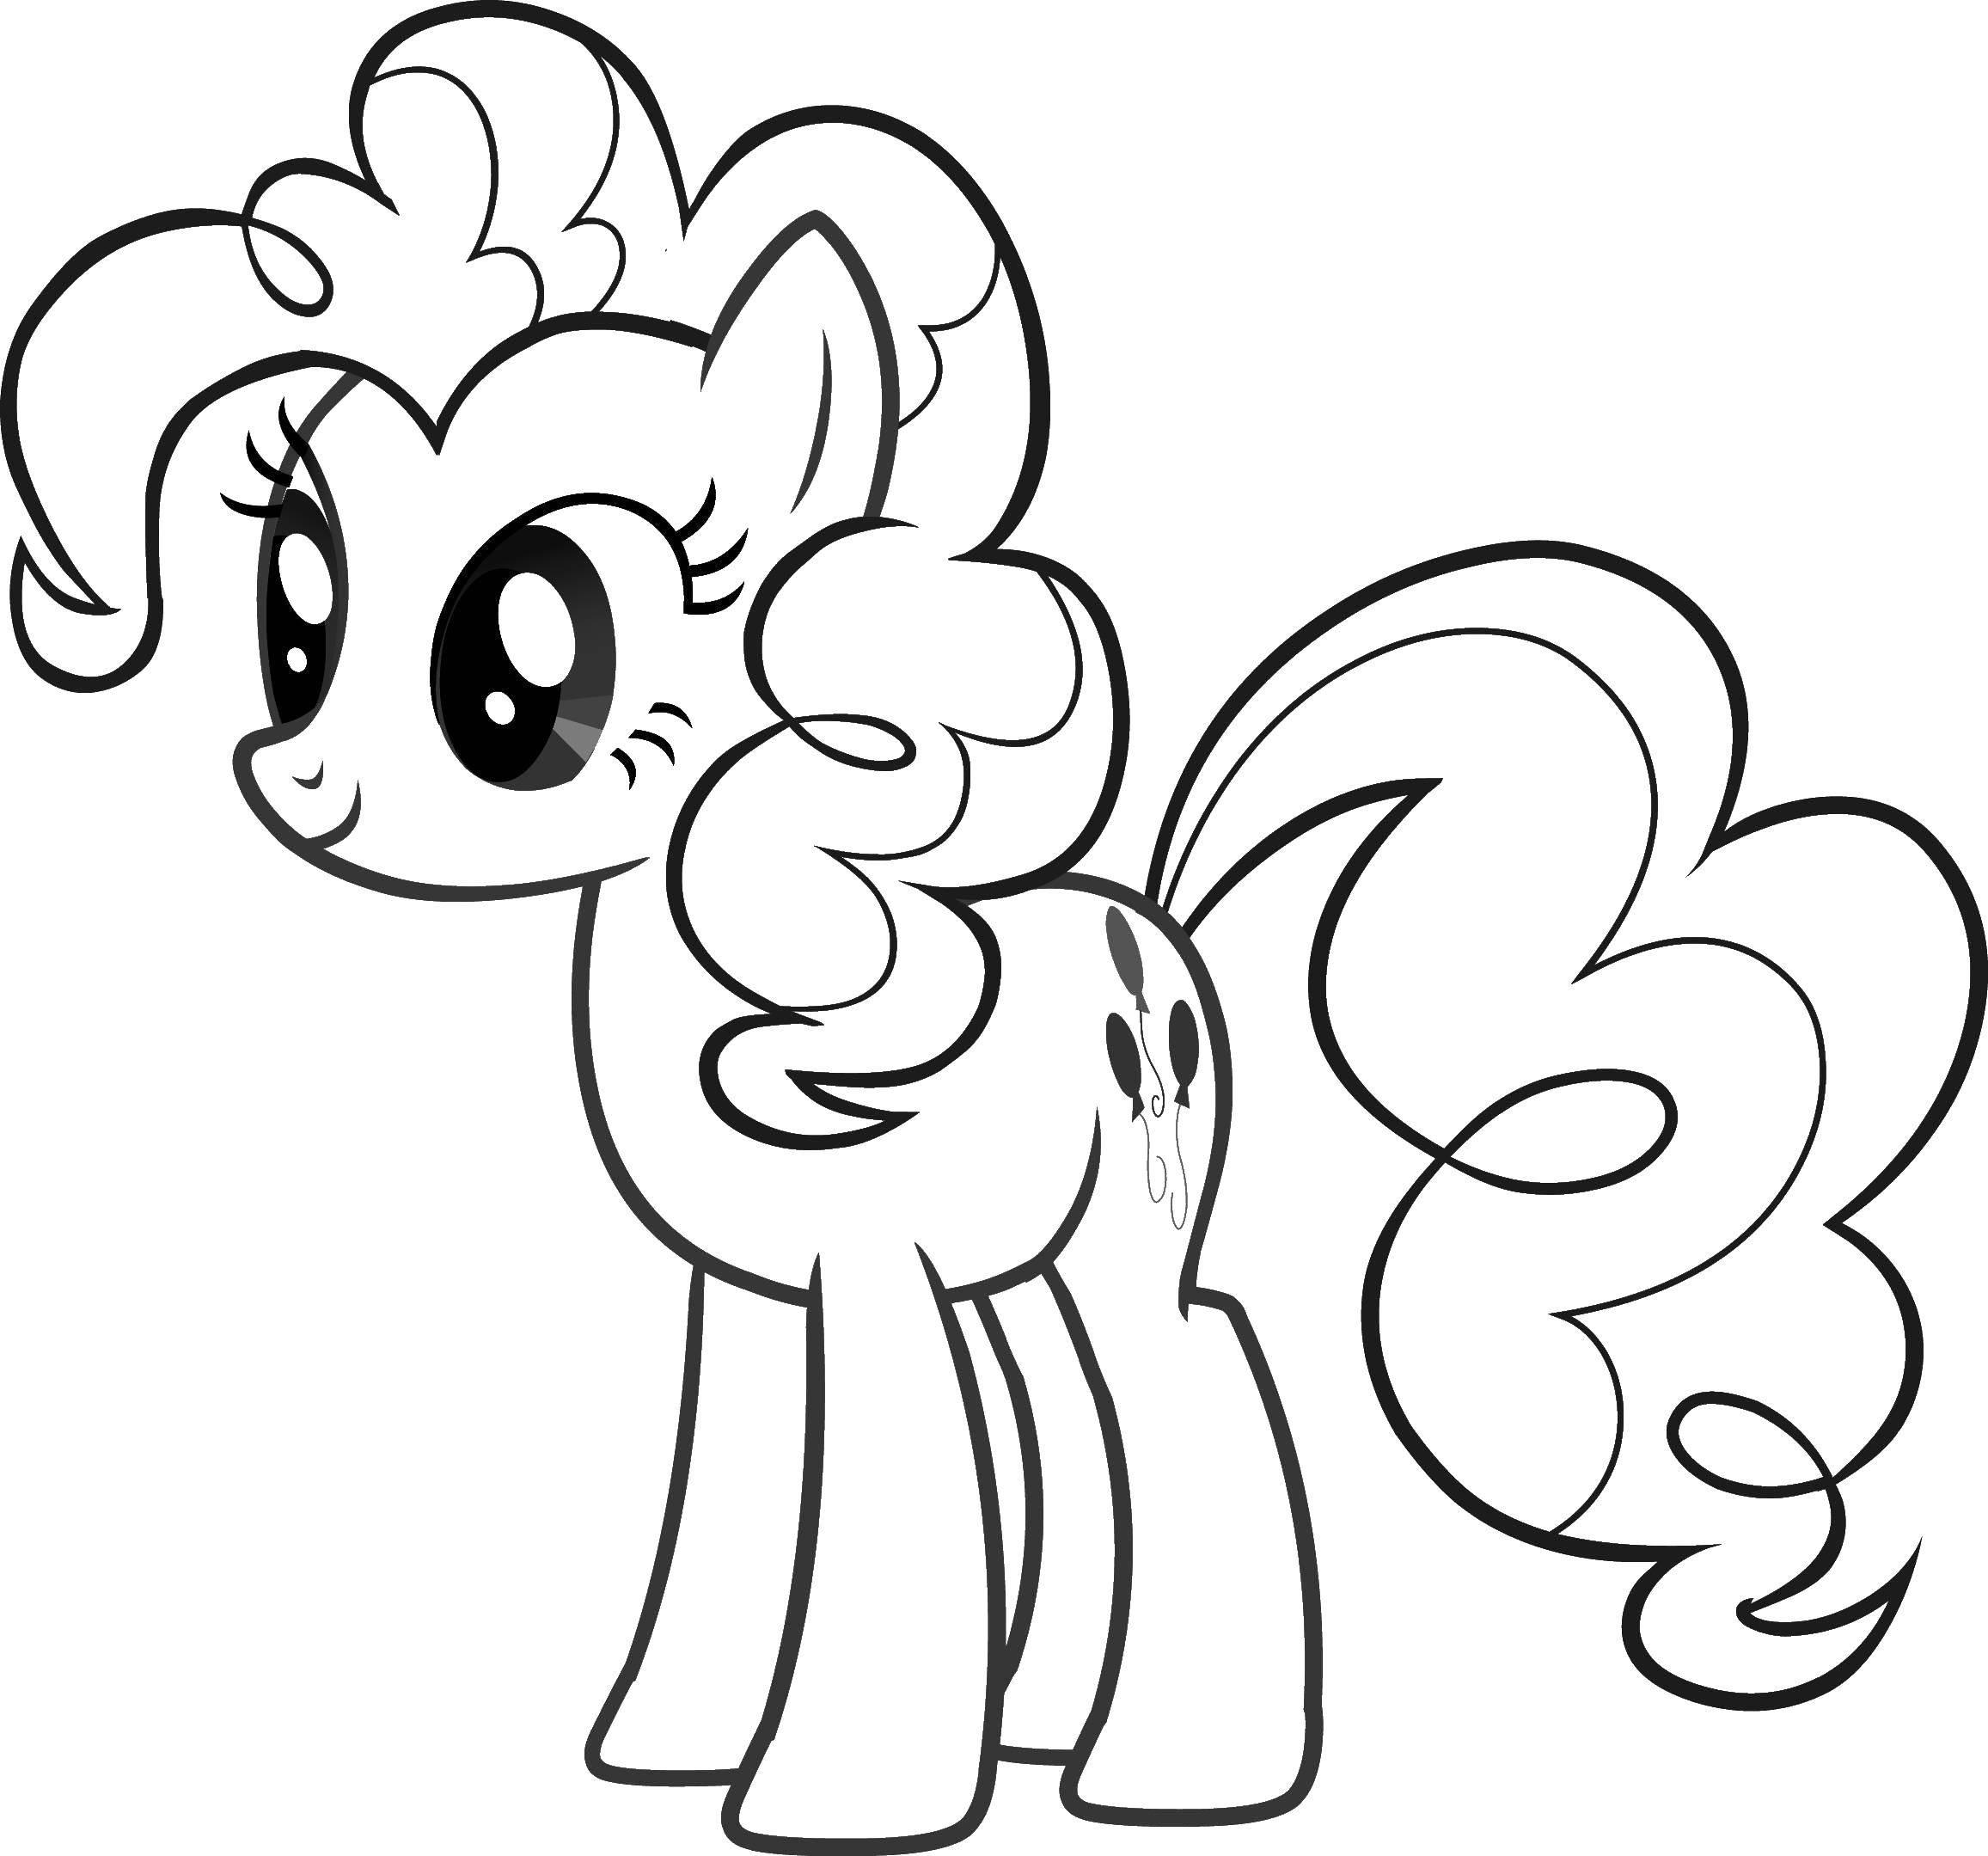 Раскраска Милый пони из my little pony Скачать пони, сказка, для девочек, мой маленький пони.  Распечатать ,мой маленький пони,